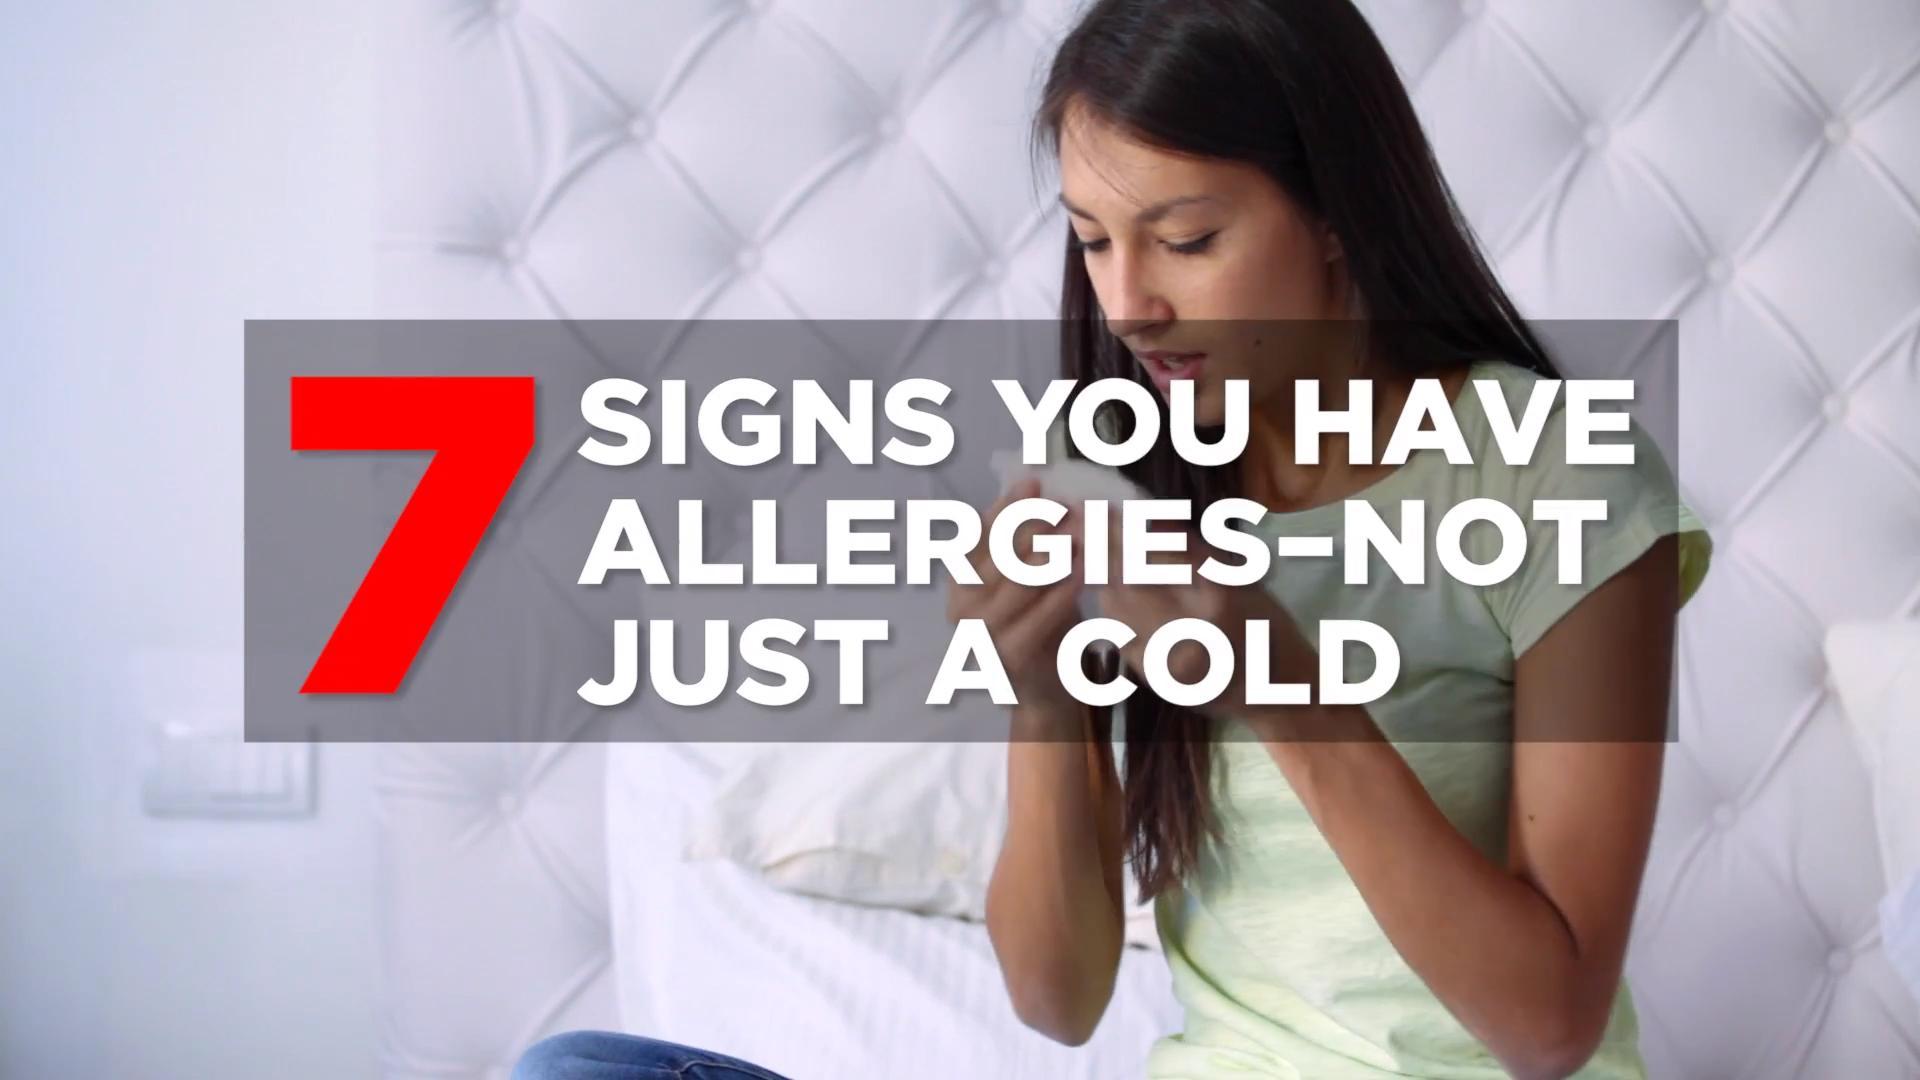 You ignore symptoms